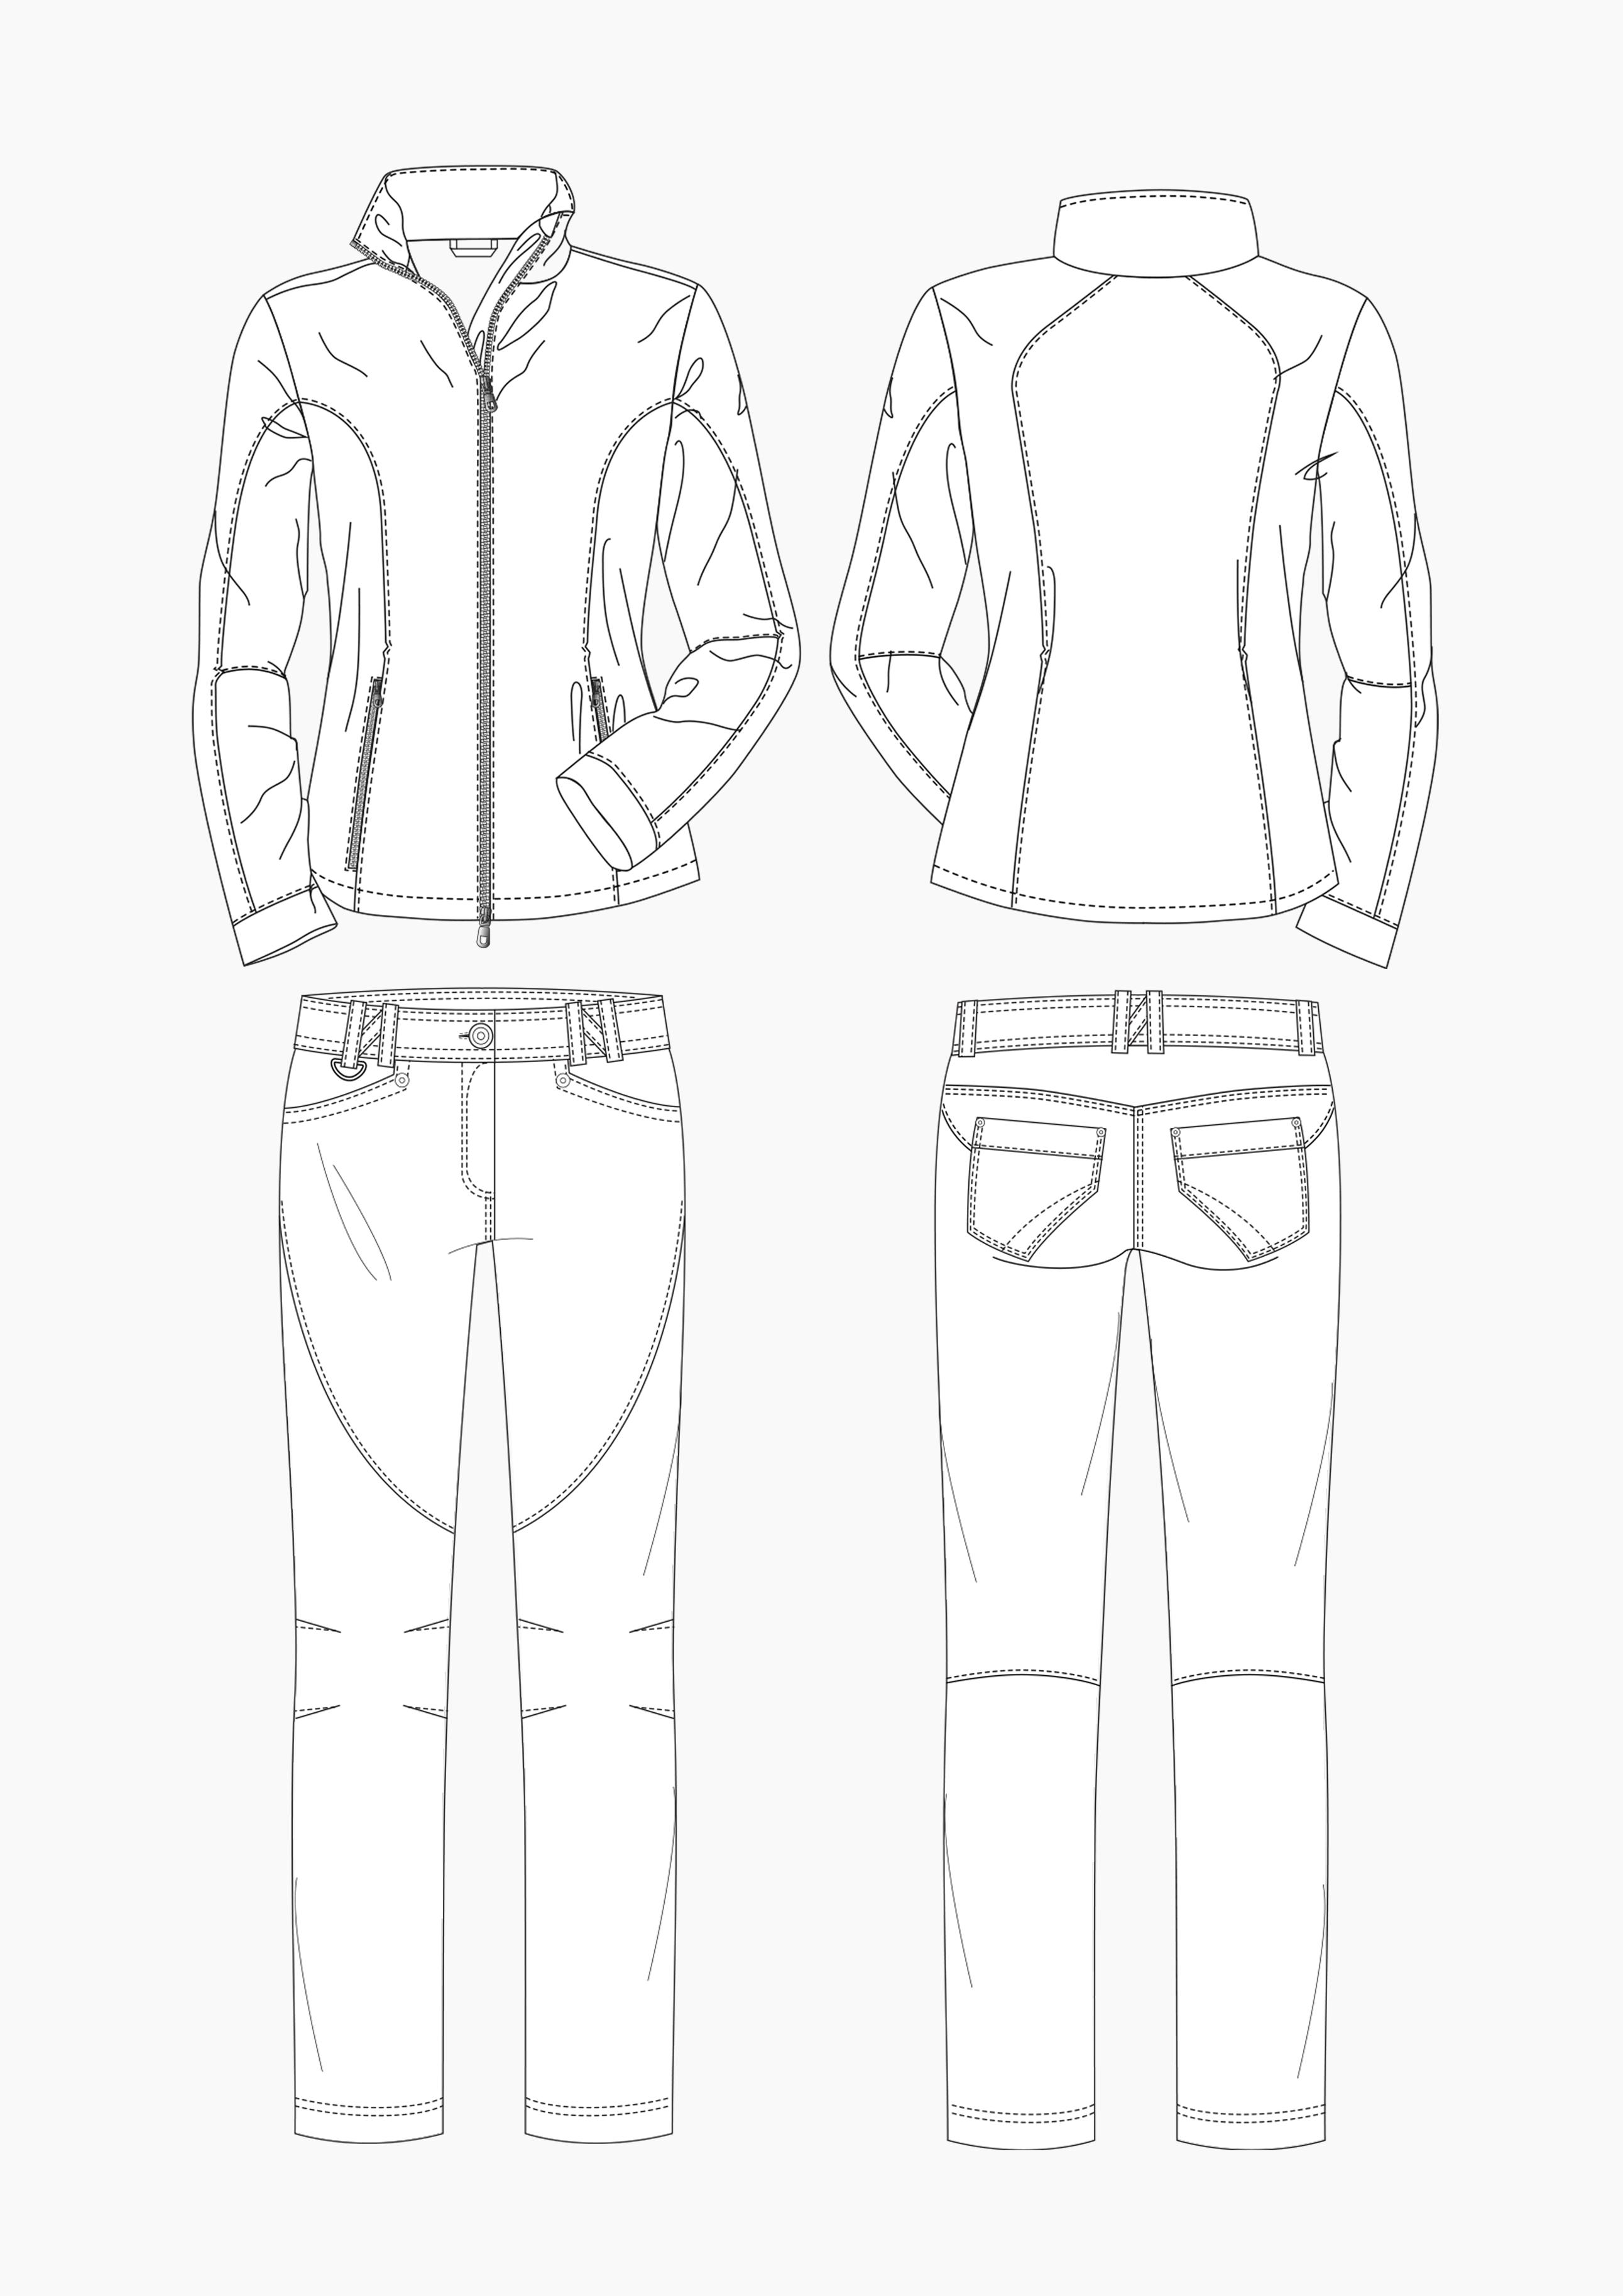 Produkt: Schnitt-Technik Golfbekleidung